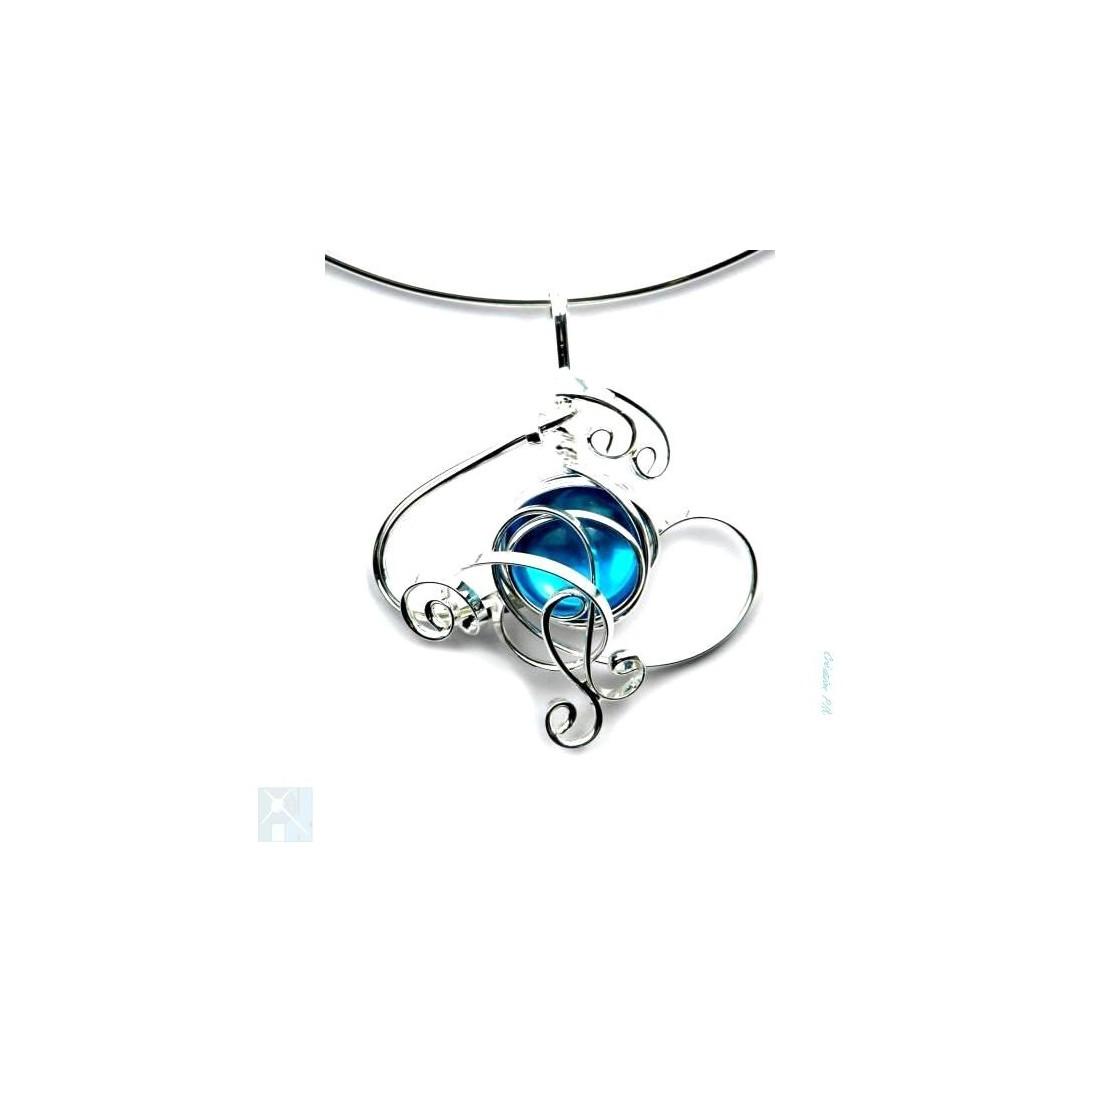 Collier de créateur bleu clair et argent.